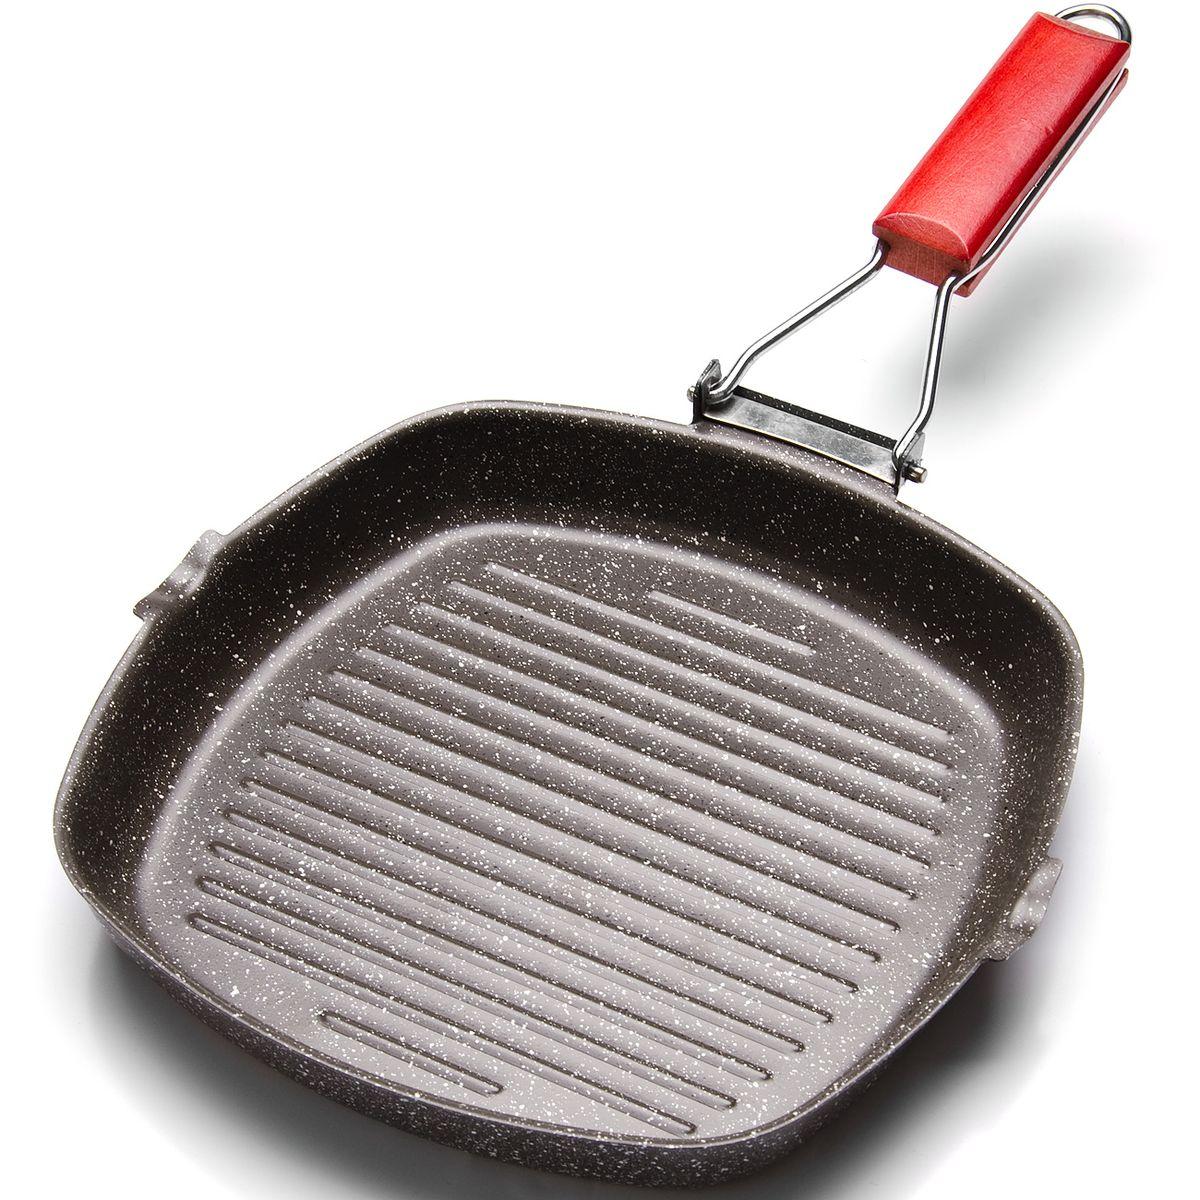 Сковорода-гриль Mayer & Boch, 20 см. 2550425504